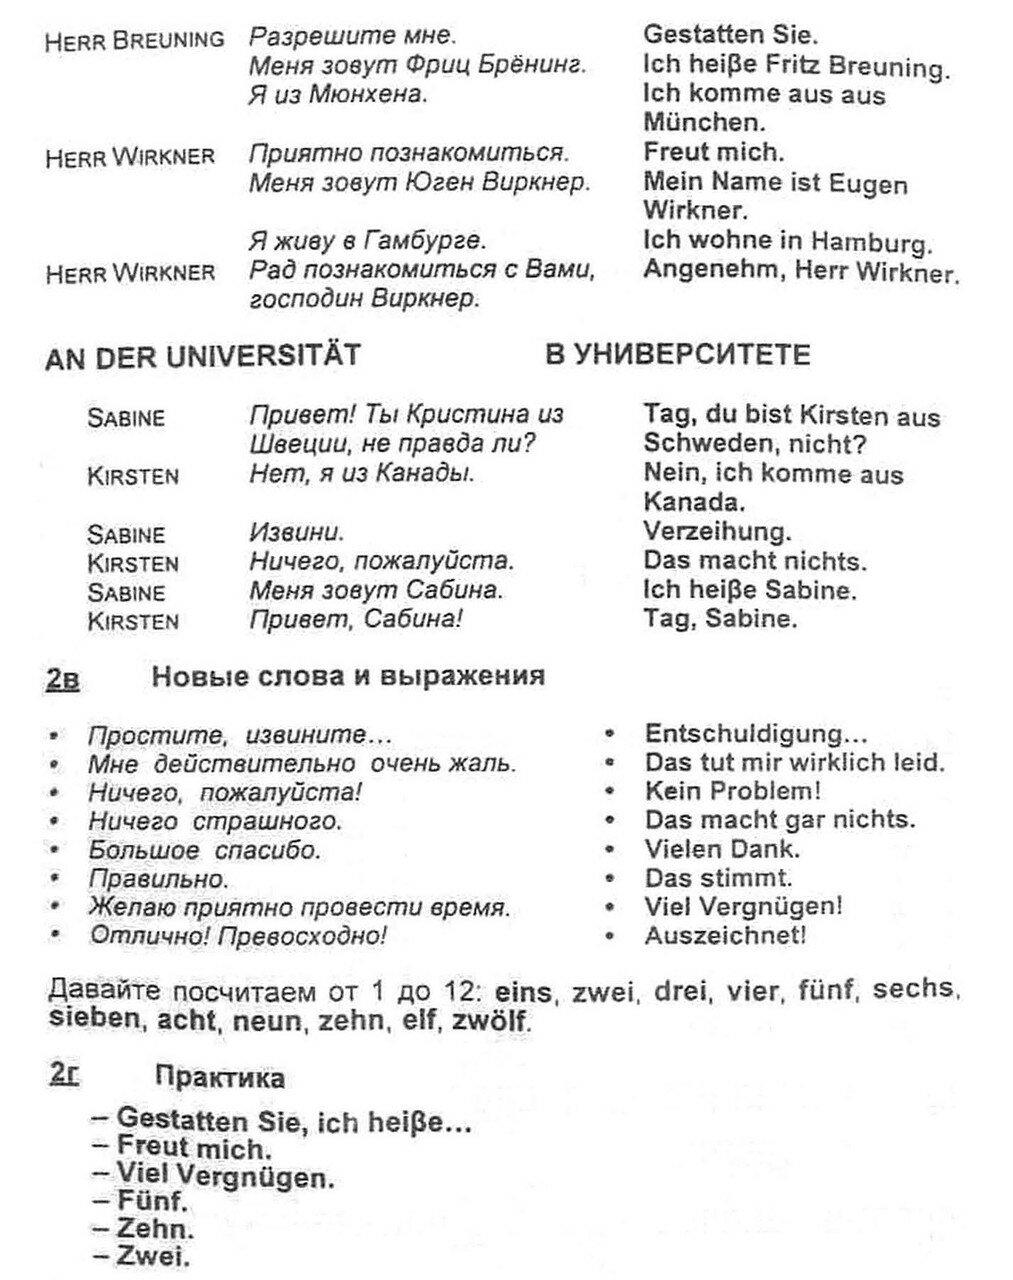 Аудиокурс немецкого языка для самостоятельного изучения. Урок 2.